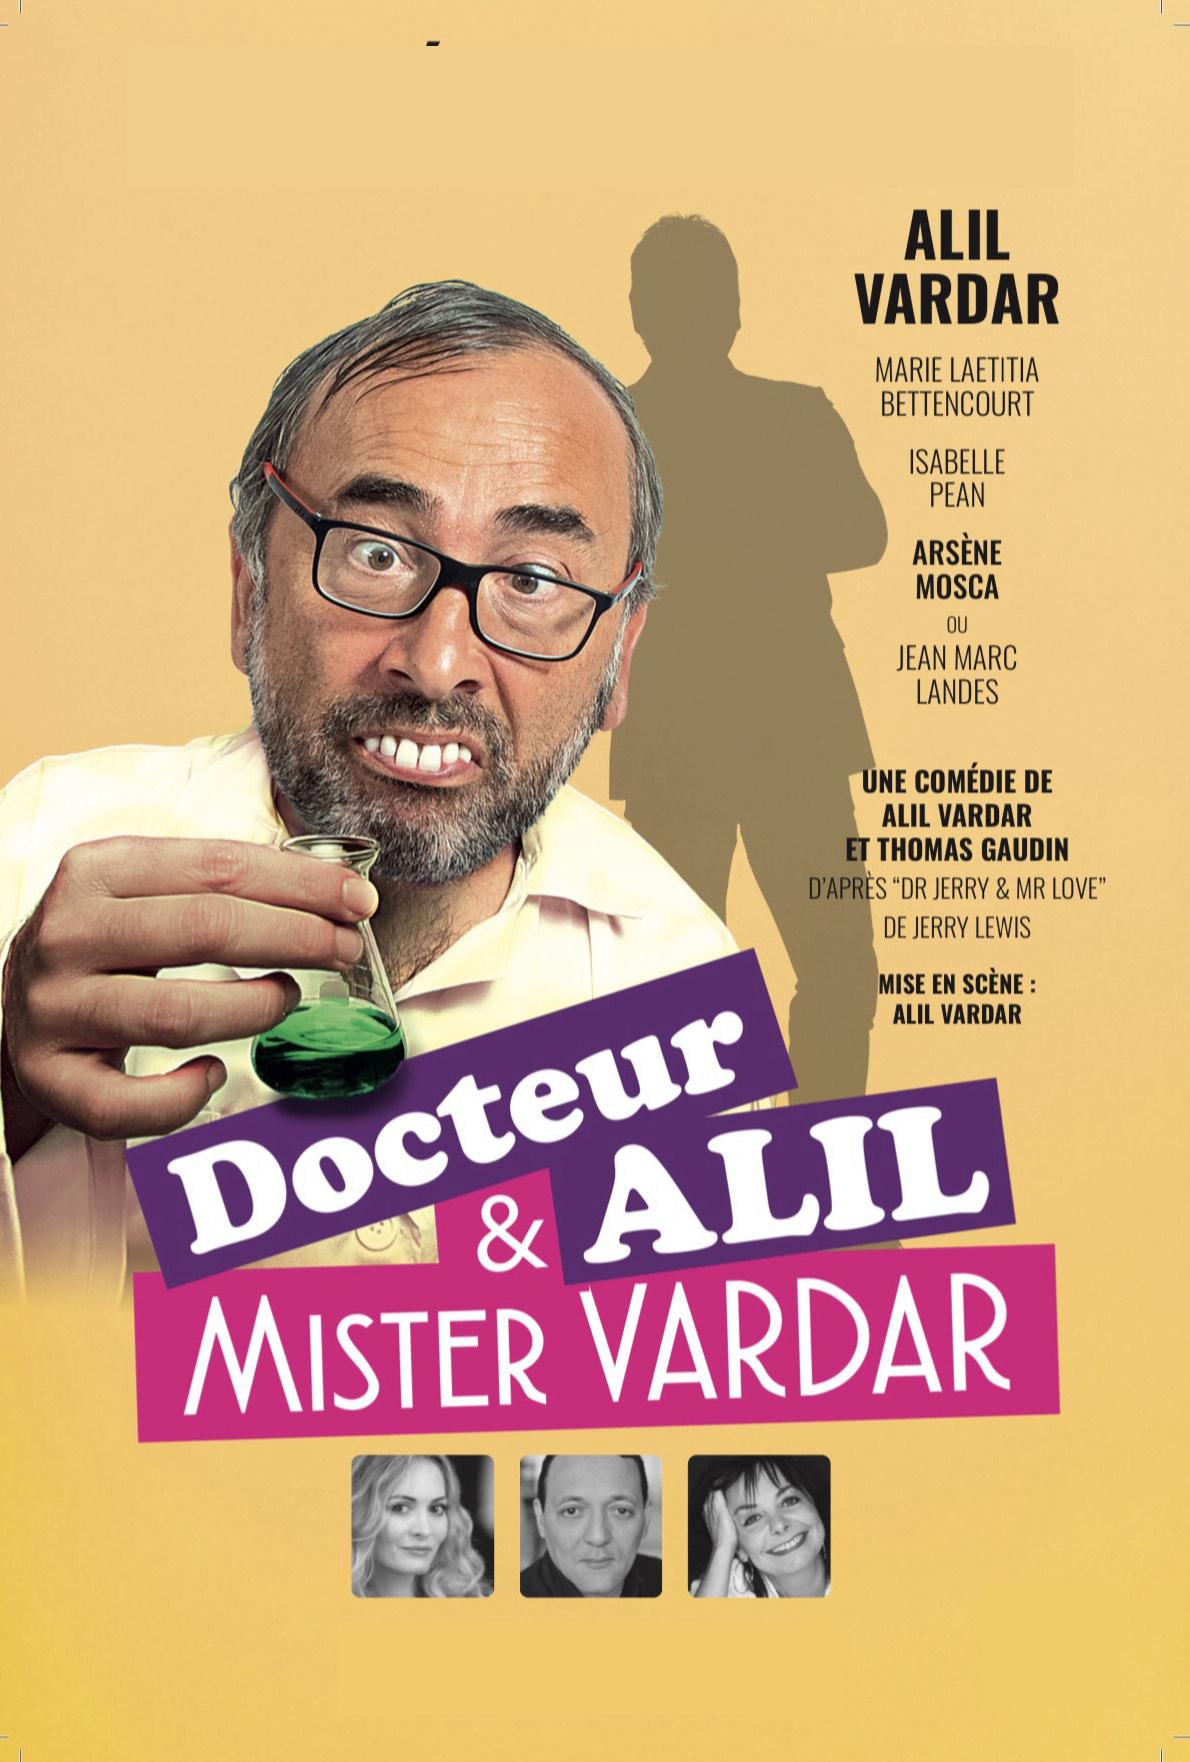 Affiche du spectacle : Docteur Alil & Mister Vardar